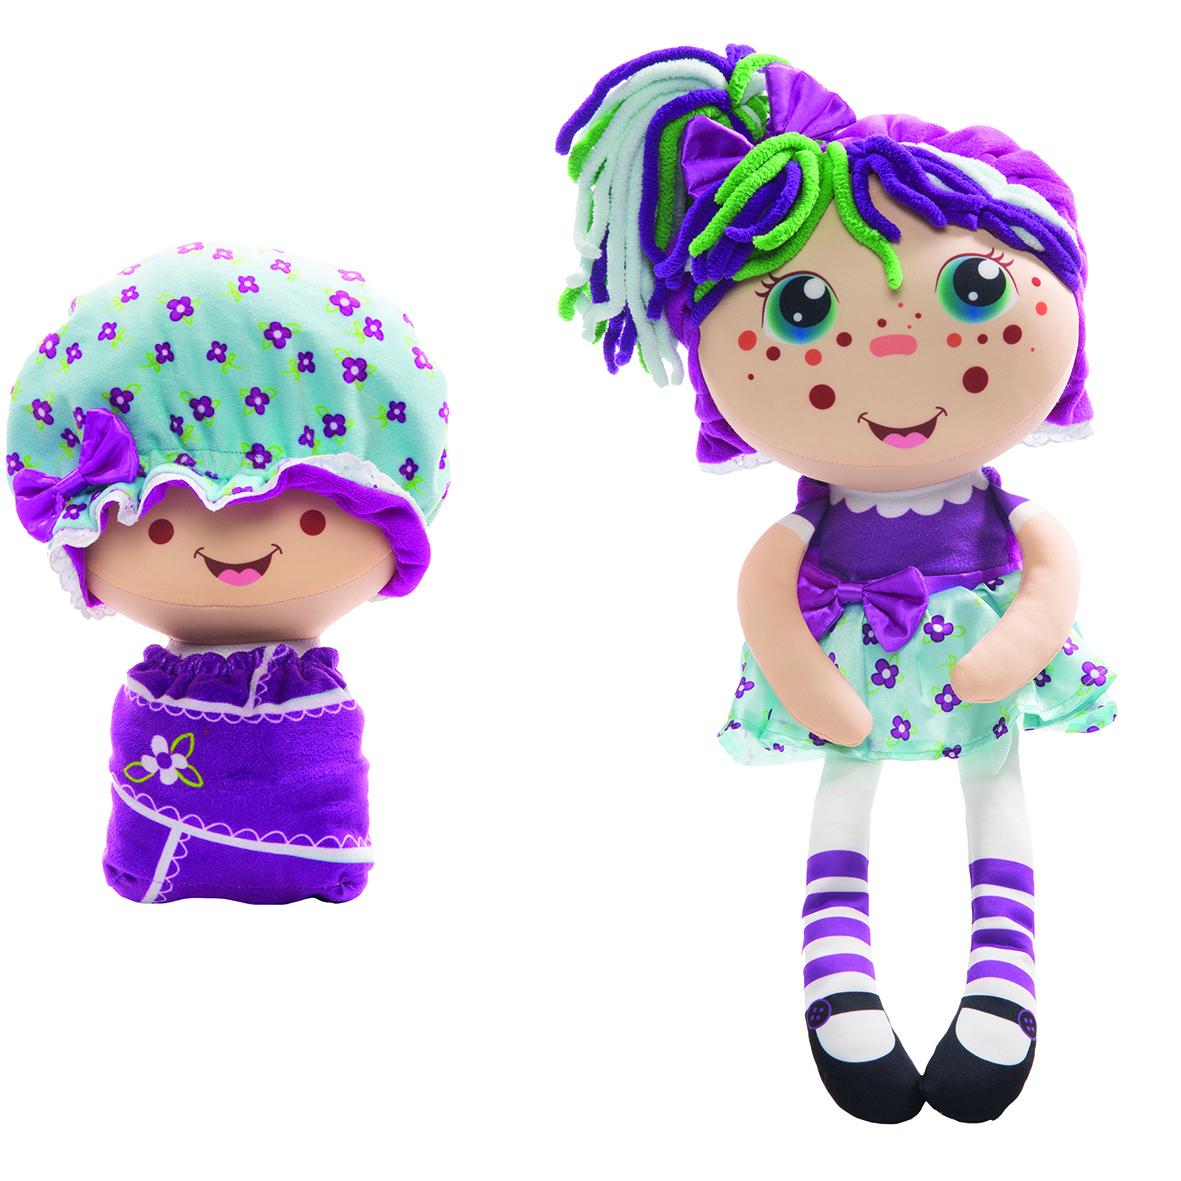 Мягкая игрушка 1toy Девчушка-вывернушка Варюшка мягкая игрушка девчушка вывернушка ксюшка 2в1 23 38 см